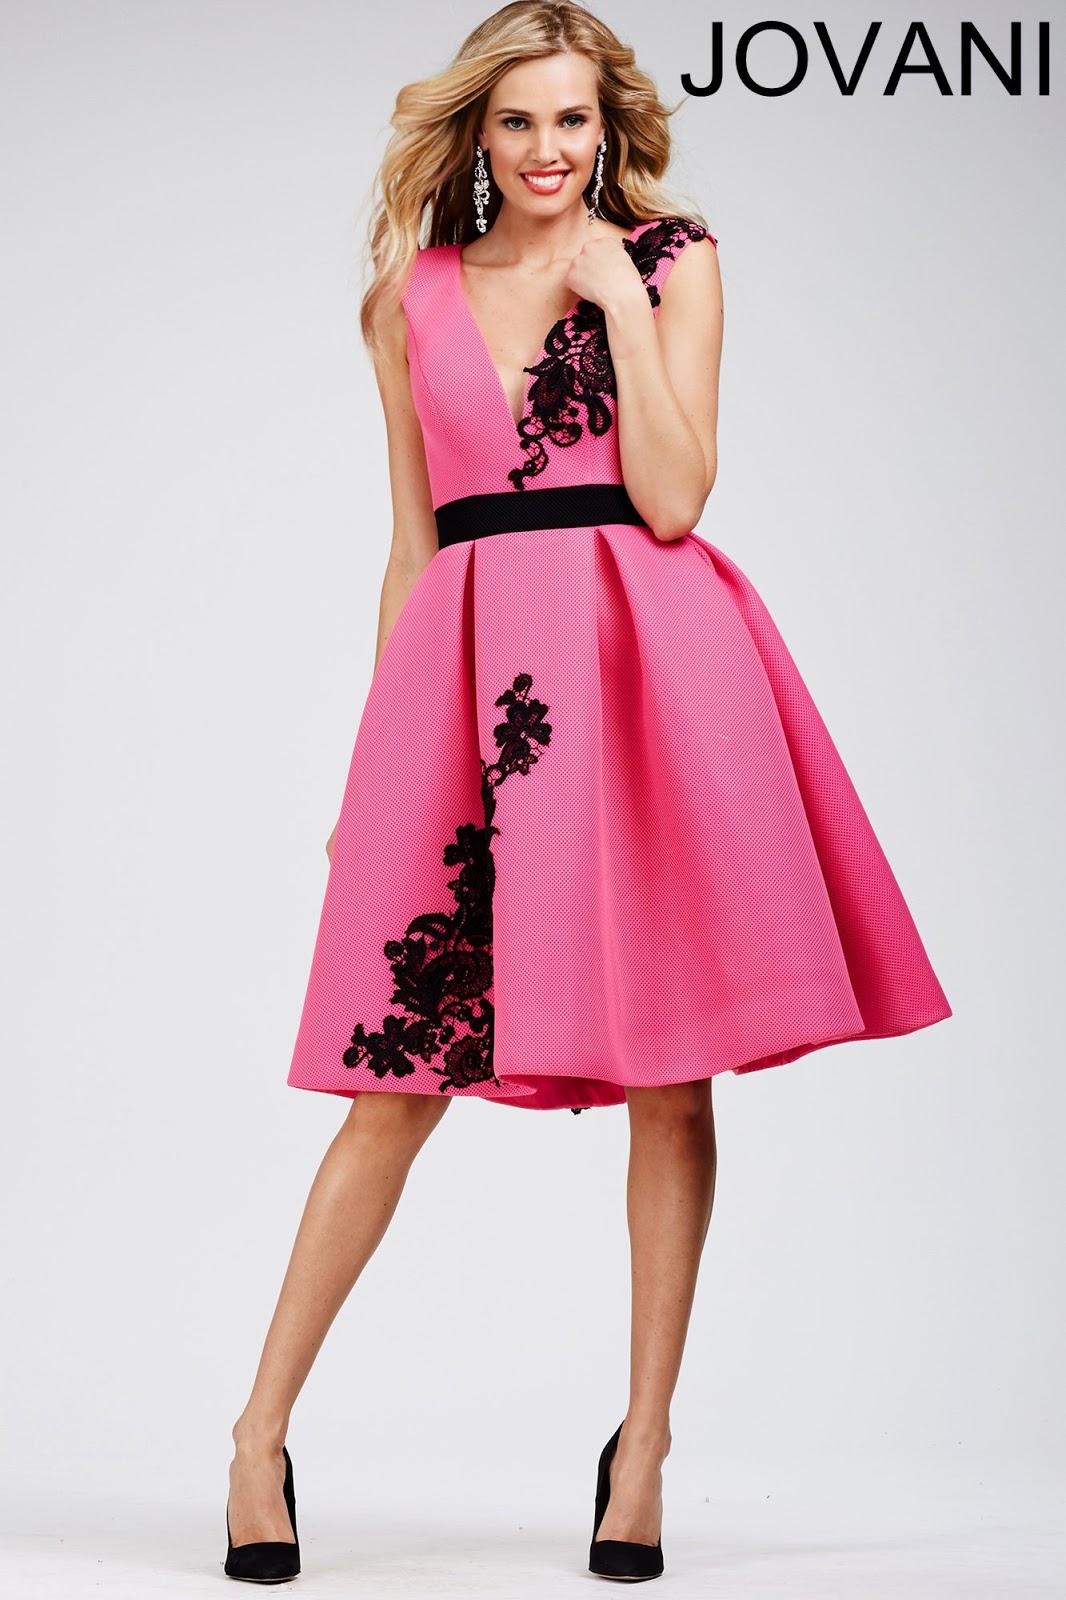 Perfecto Ir Vestido De Fiesta Viñeta - Colección de Vestidos de Boda ...